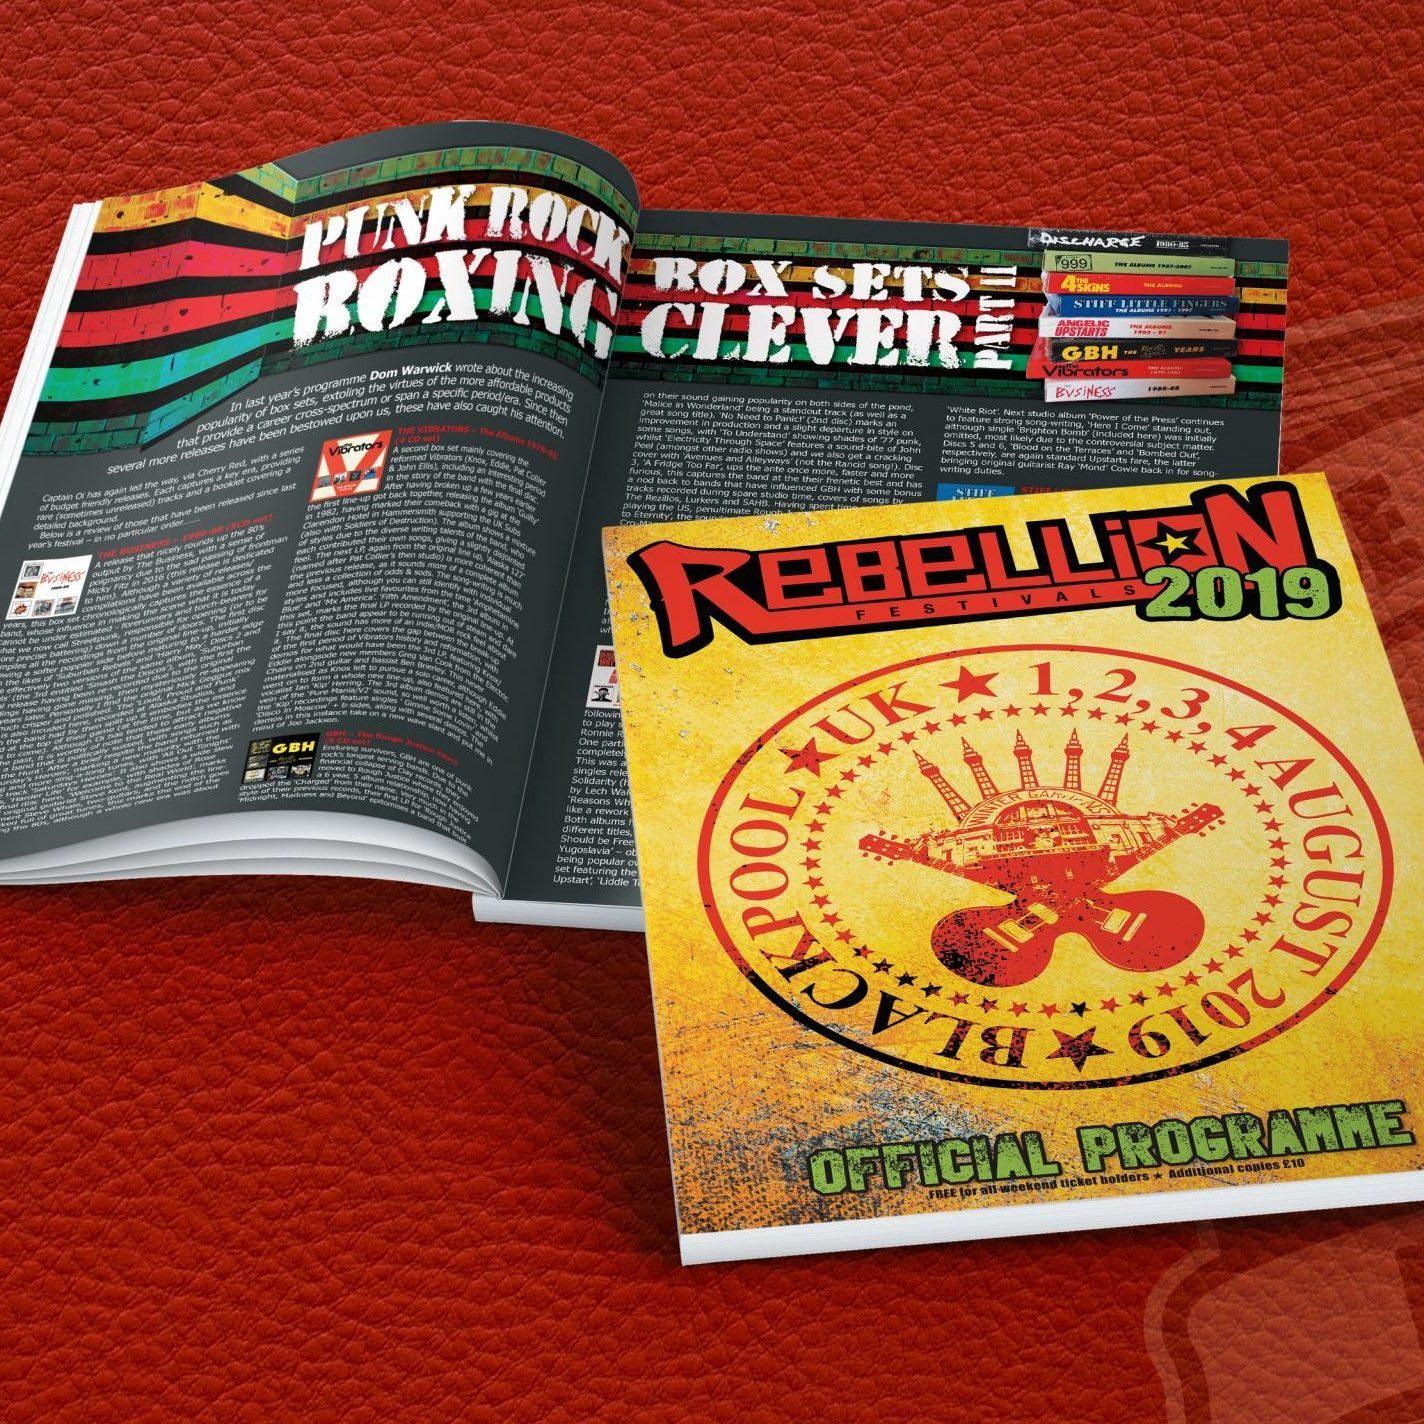 Rebellion Festival 2019 Programme